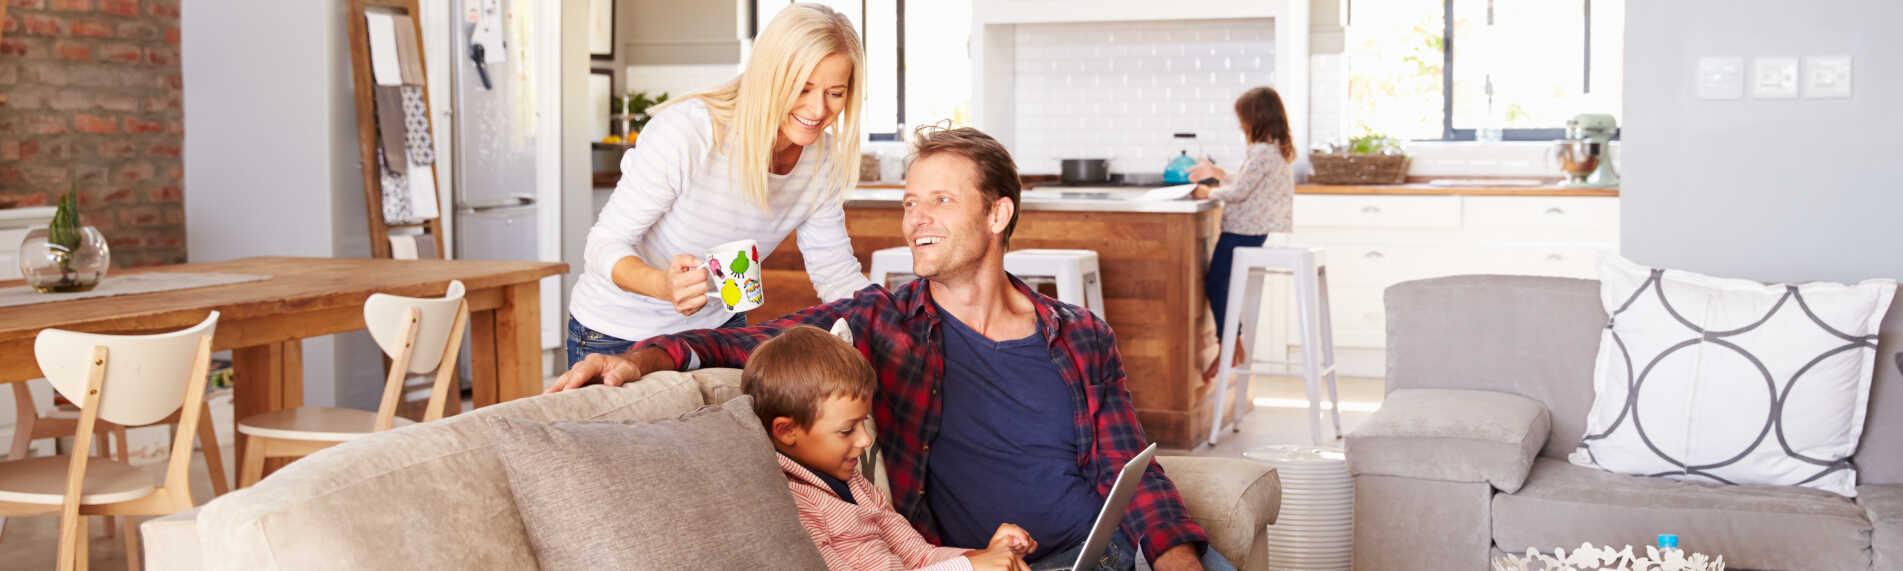 Få ett bra inomhusklimat i din bostad med den rätta luftbefuktningen